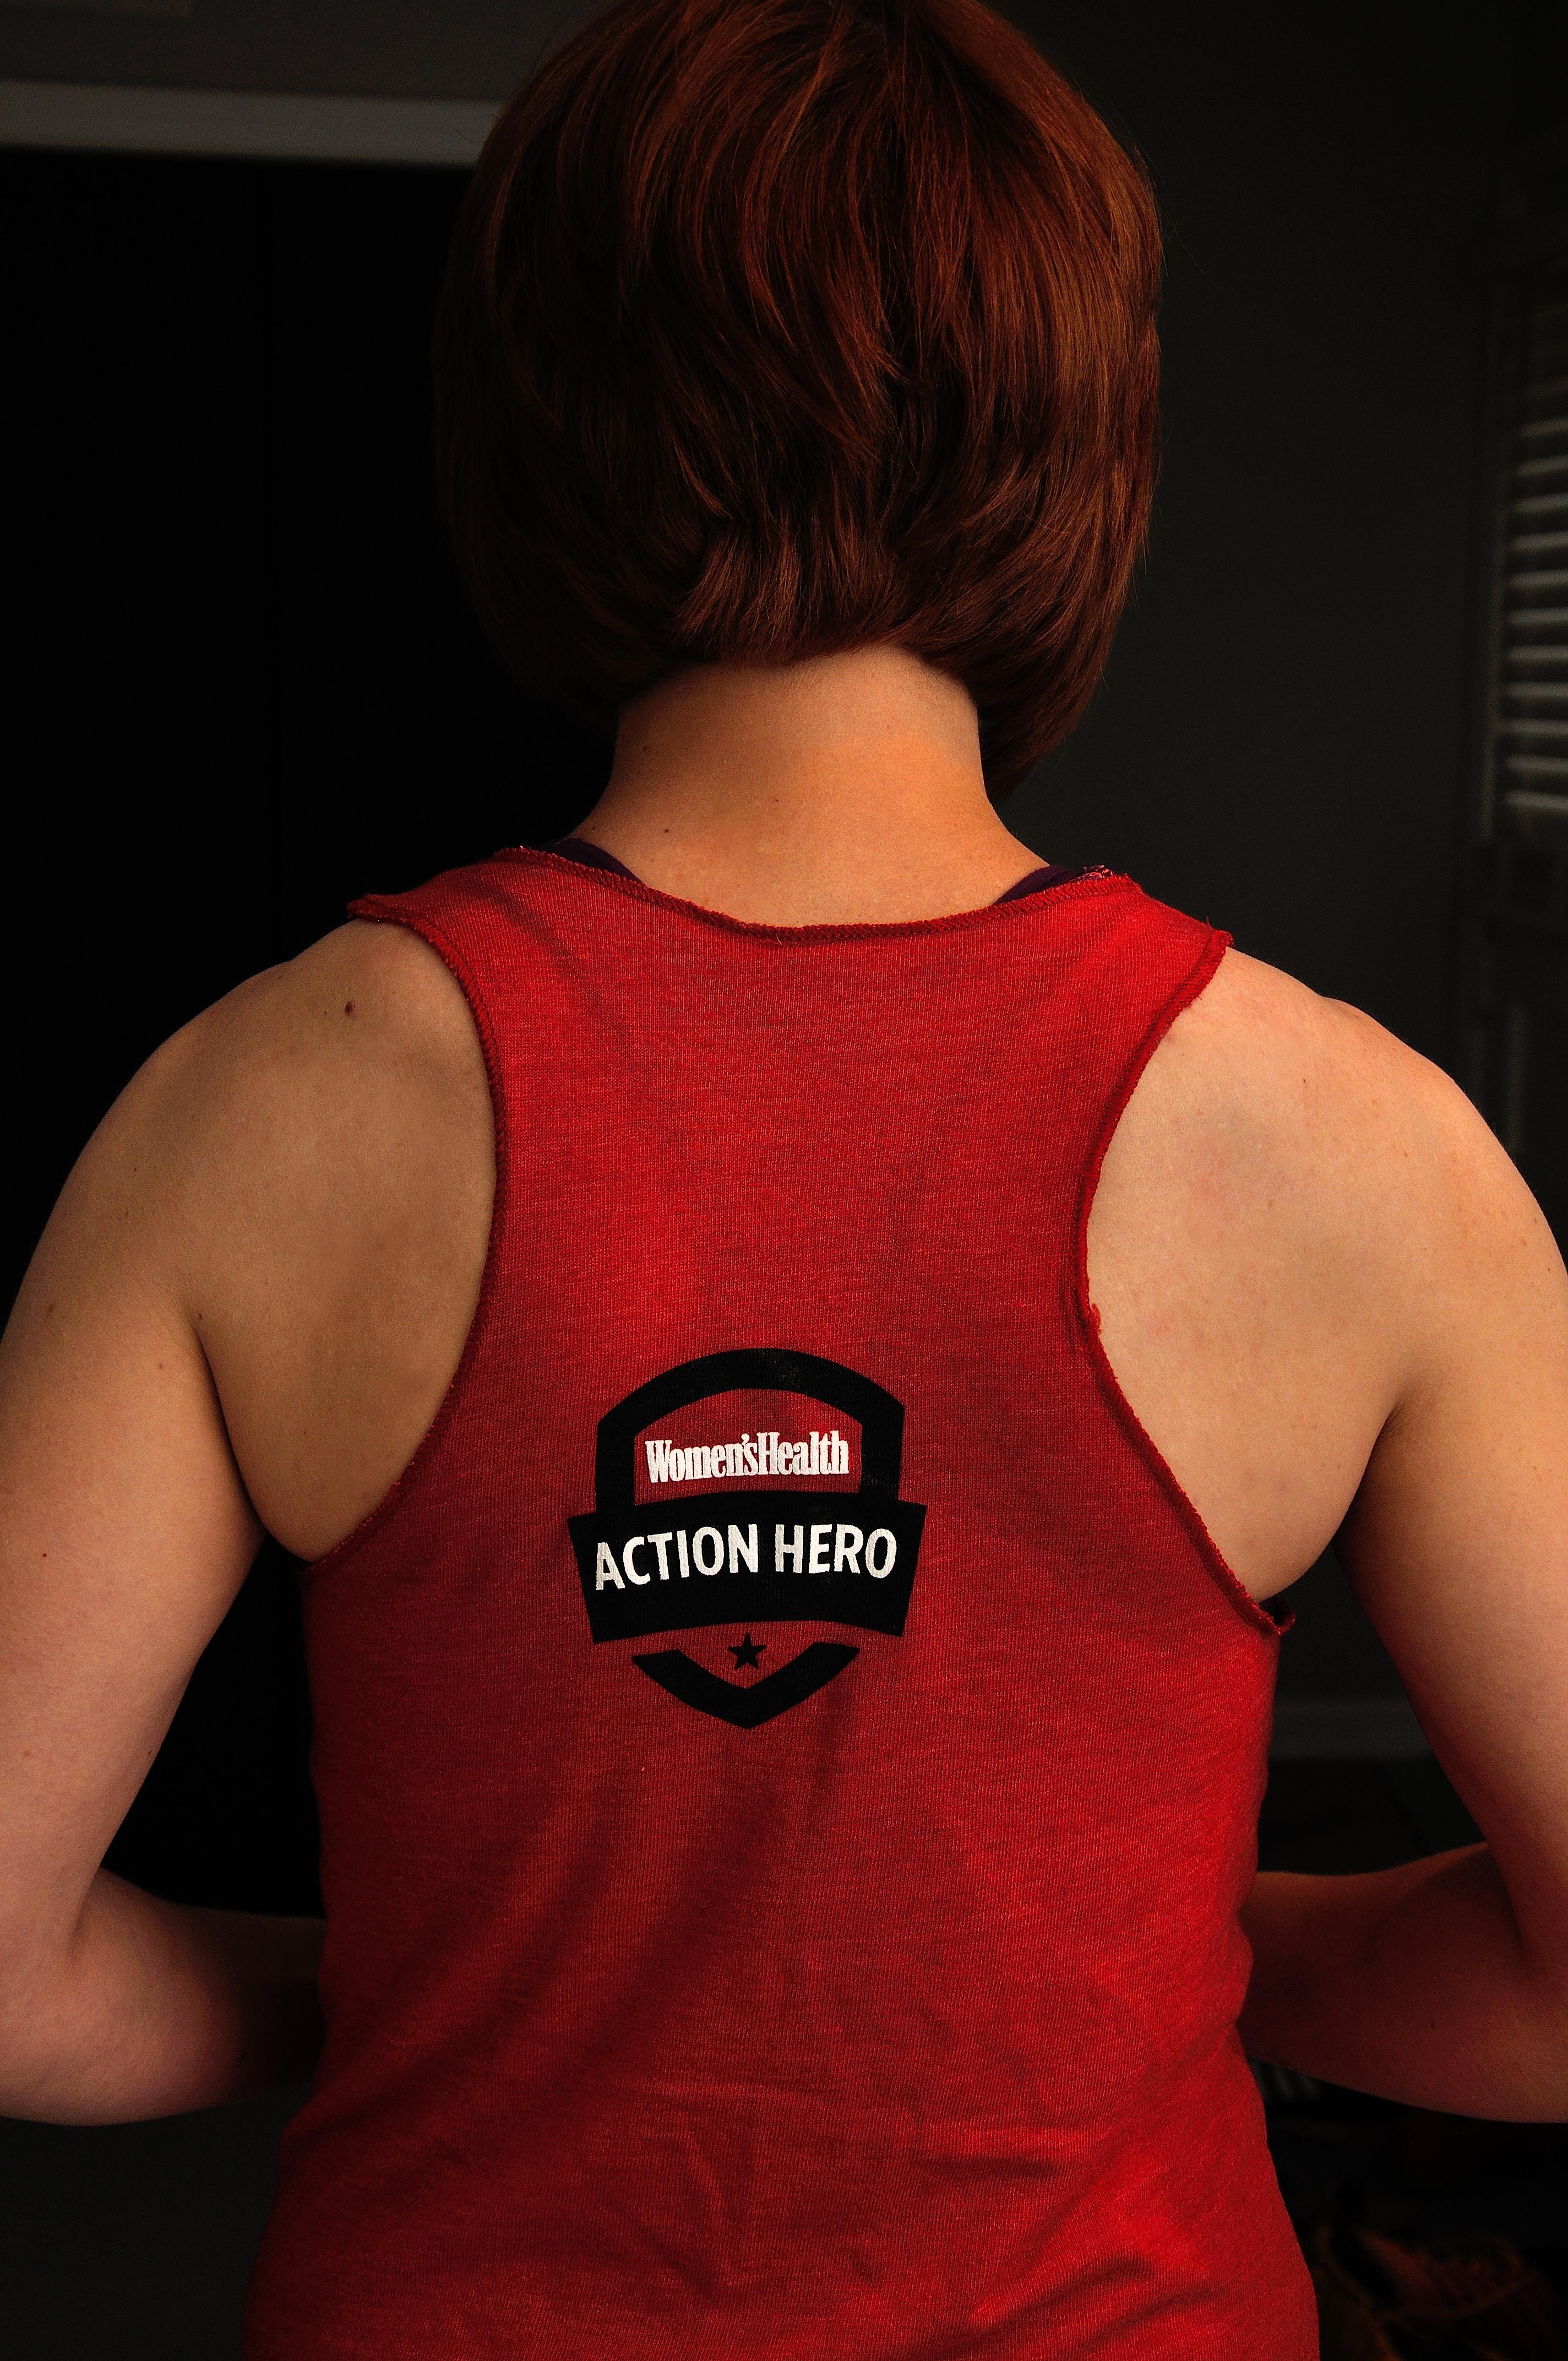 Women's Health Action Hero - Jessica Kohler